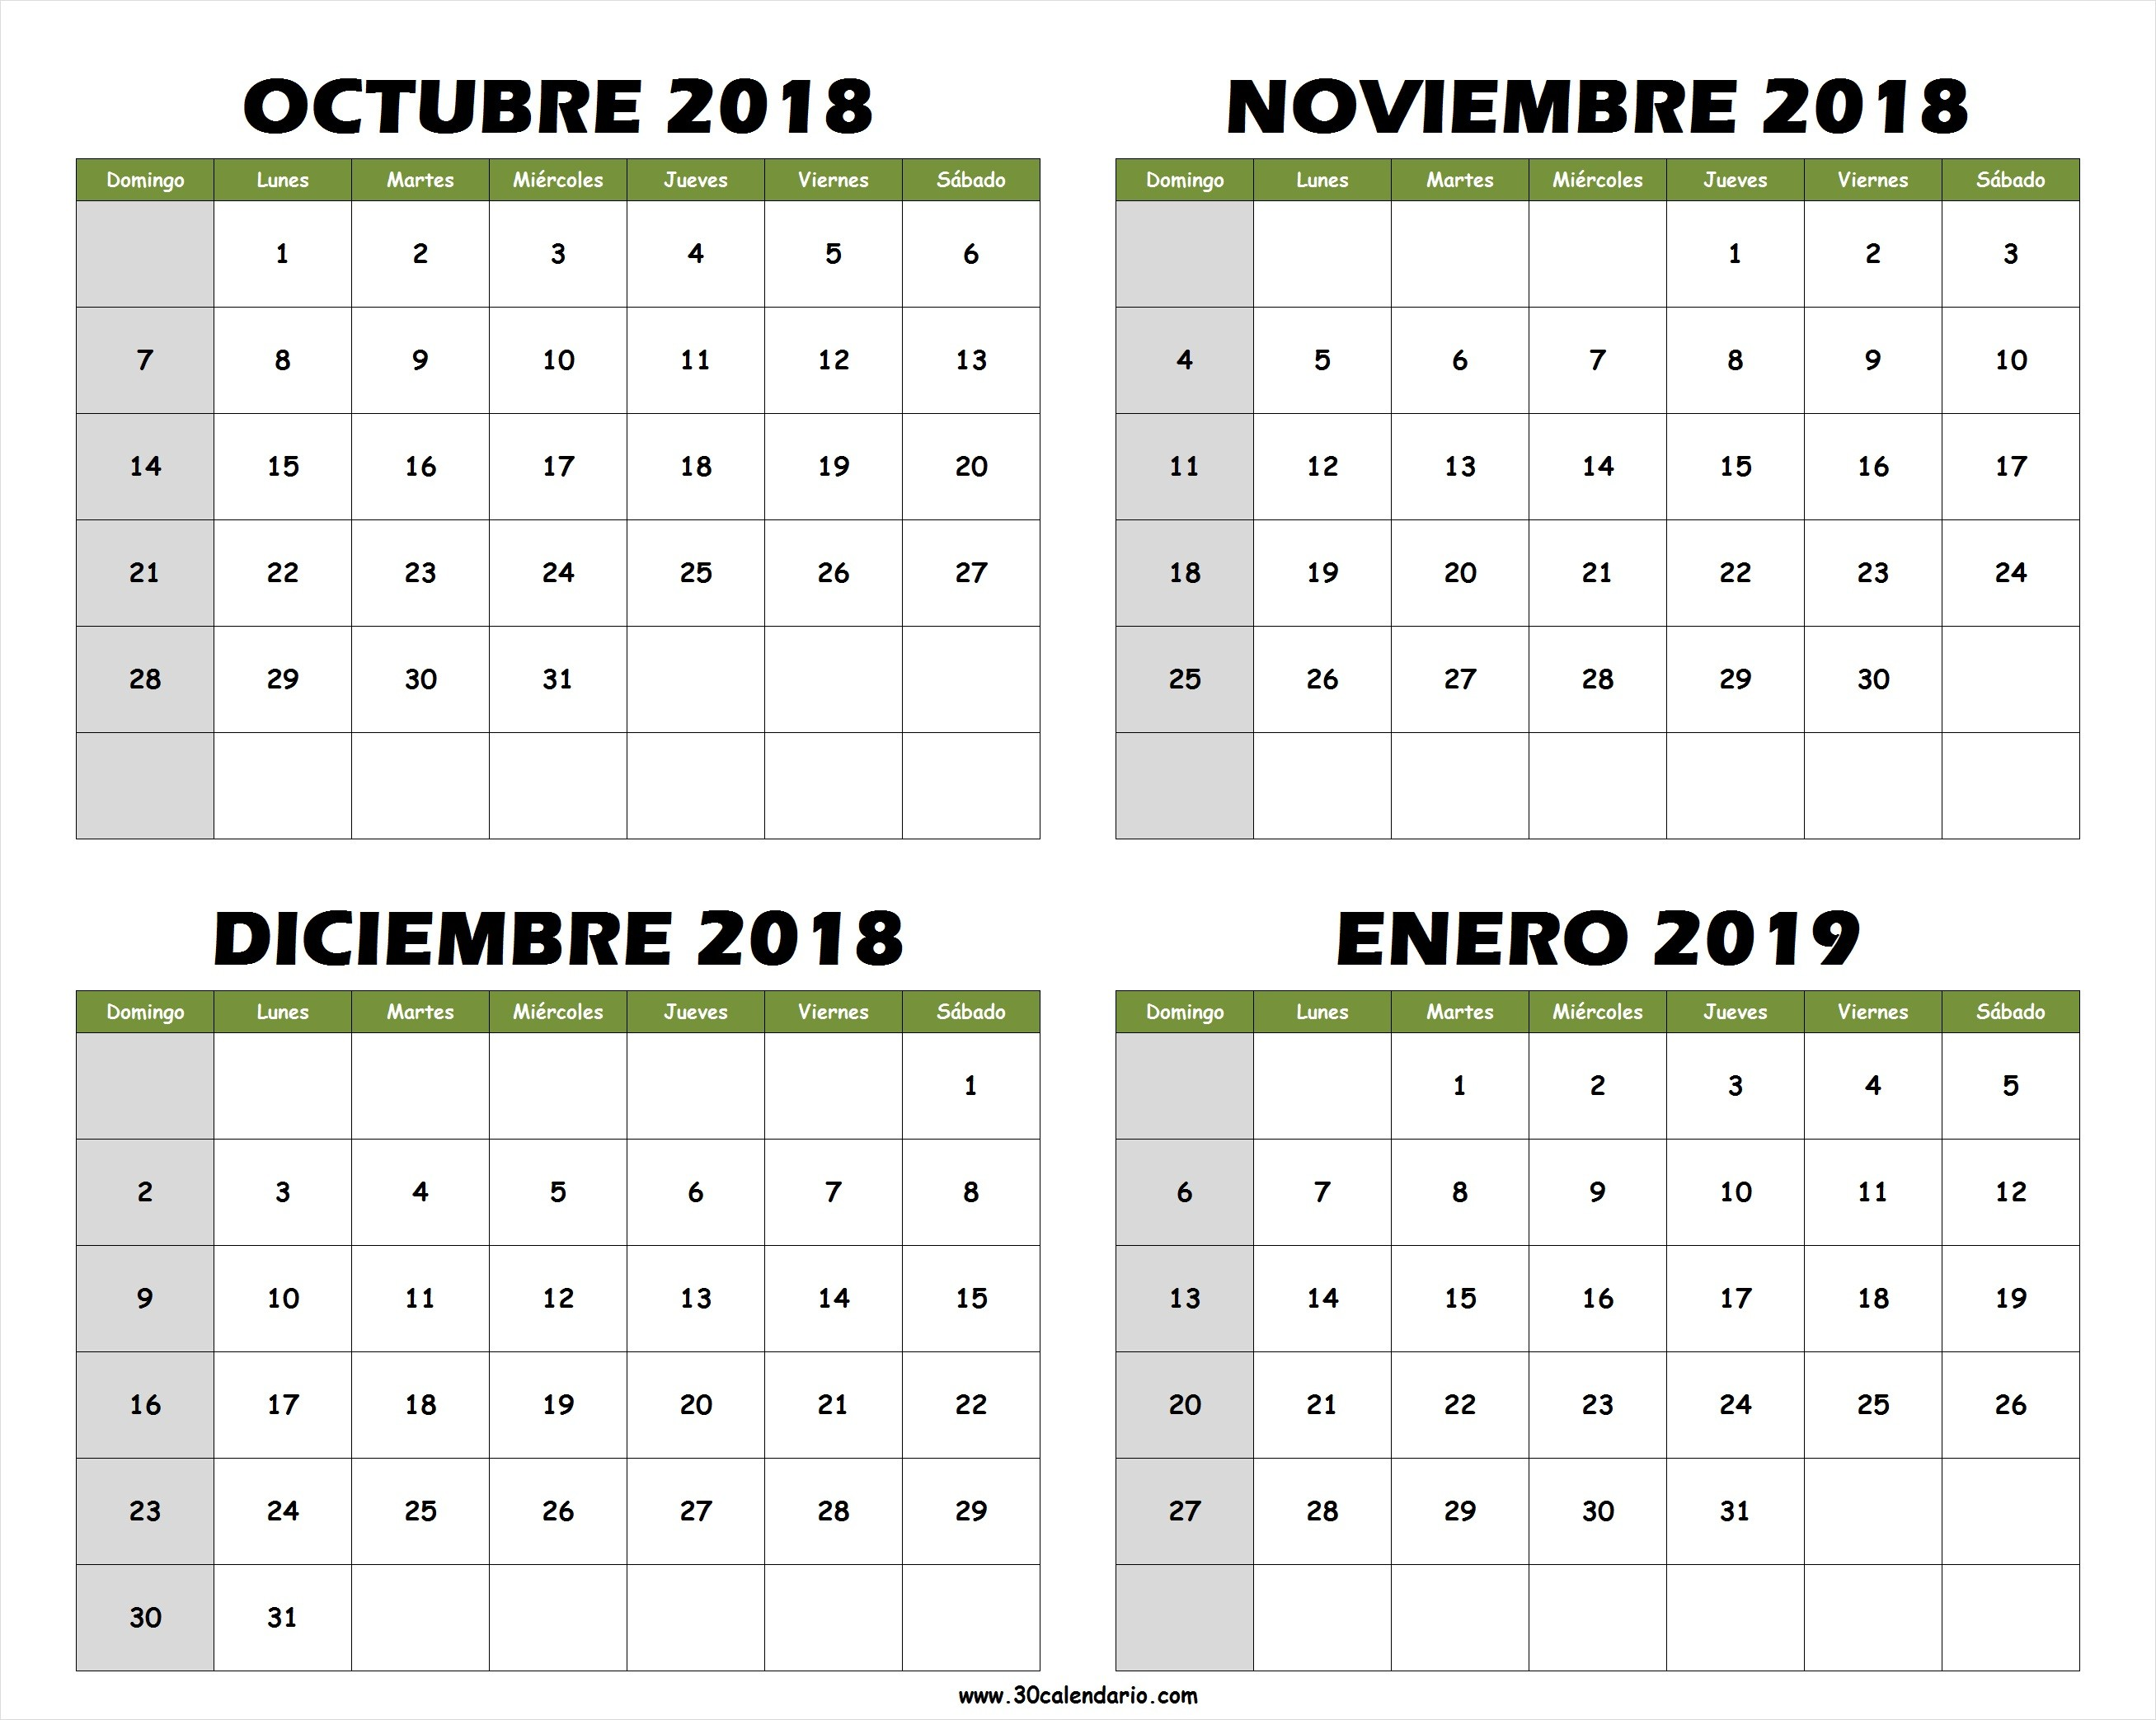 Calendario Mayo 2019 Colombia Más Populares Calendario Agosto De 2019 63ld Calendario T Of Calendario Mayo 2019 Colombia Recientes Of Calendarios 2017 Para Imprimir Rock Cafe